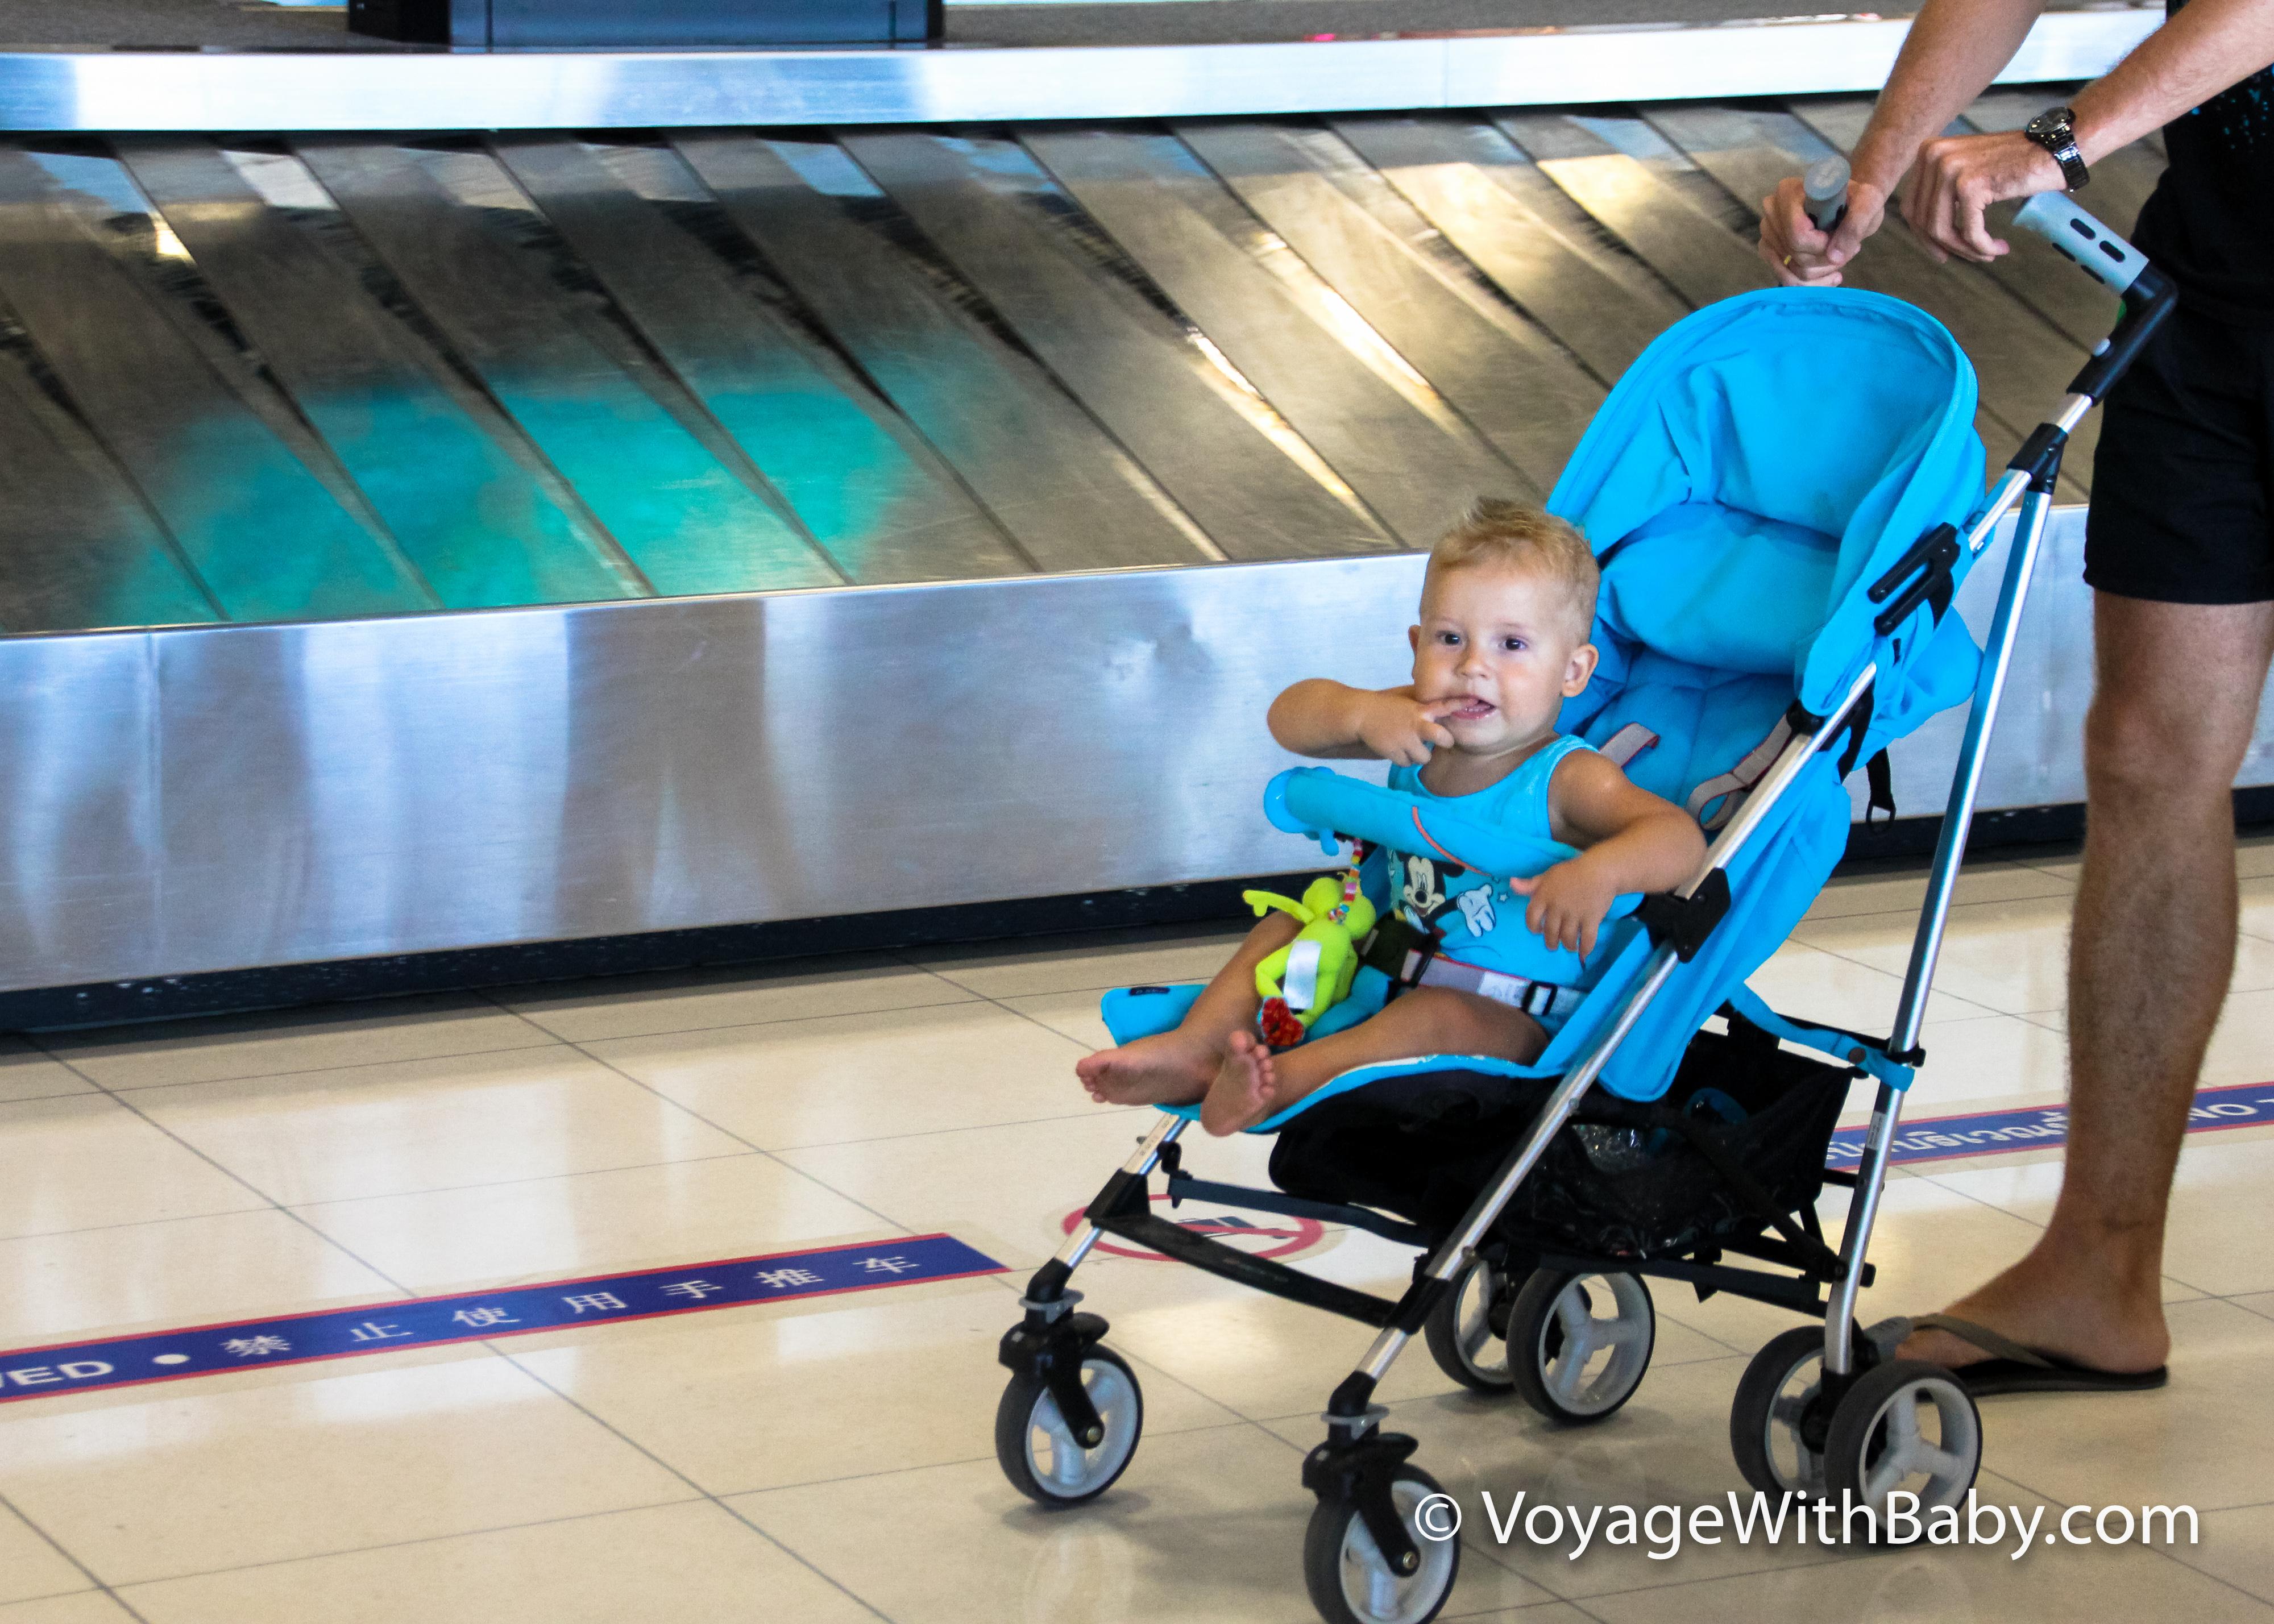 Ребенок 1 год билет на самолет билеты в таиланд на самолете из москвы